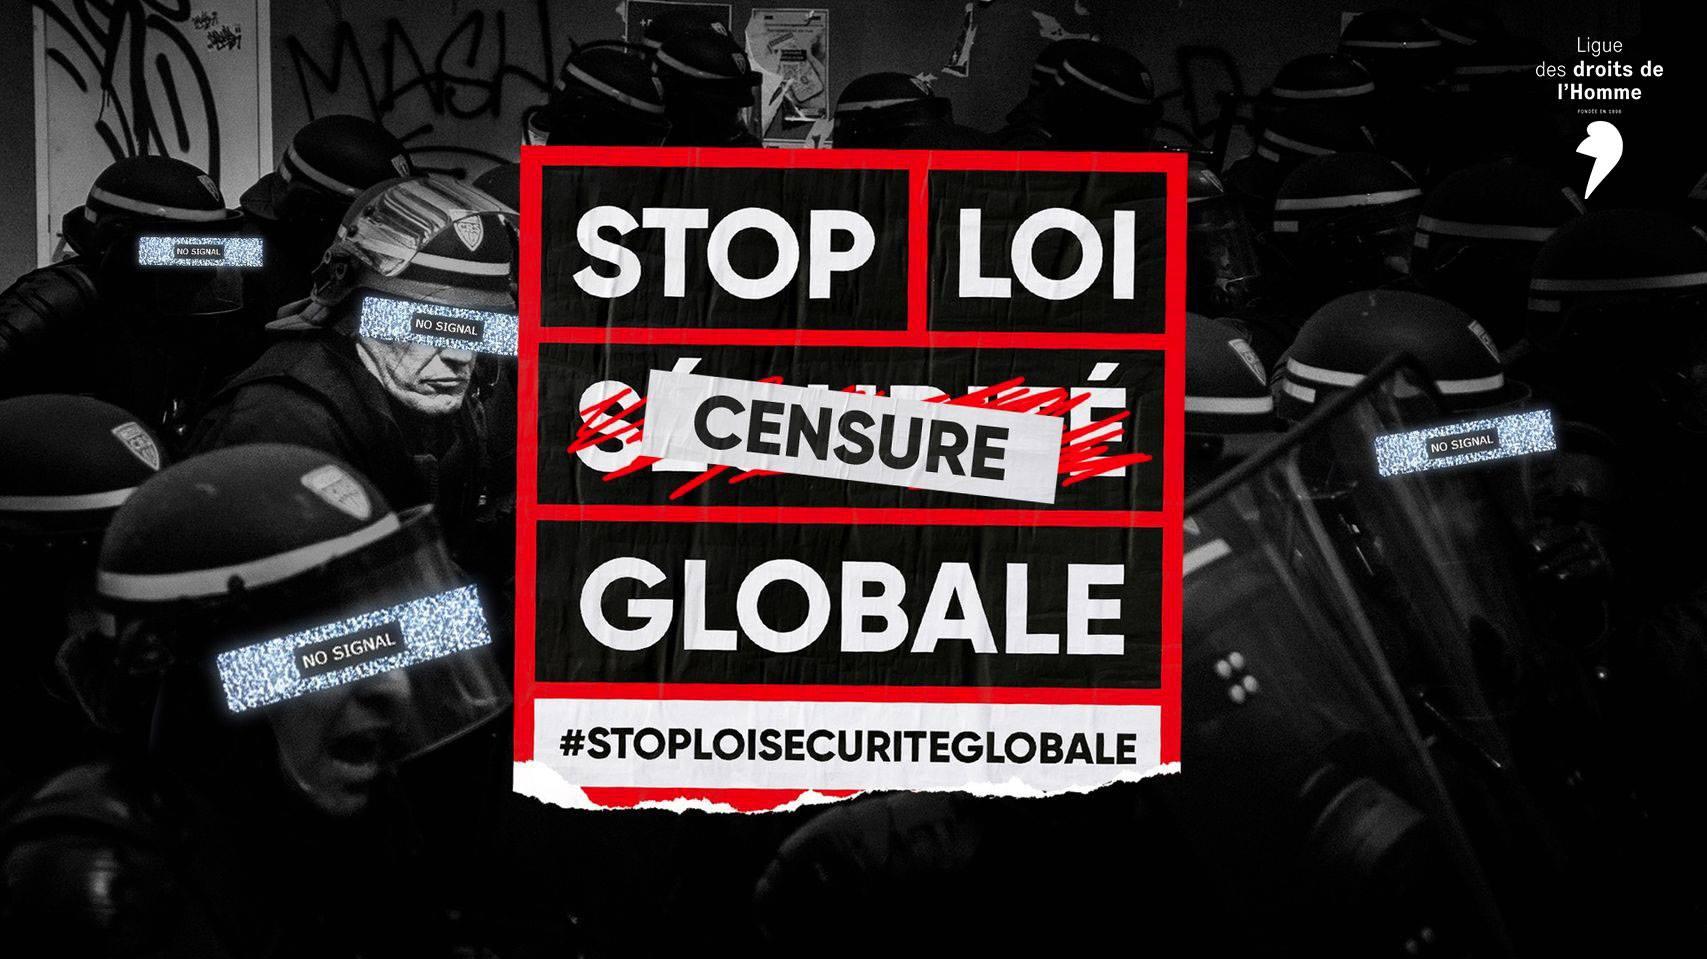 stop loi sécurité (censure) globale